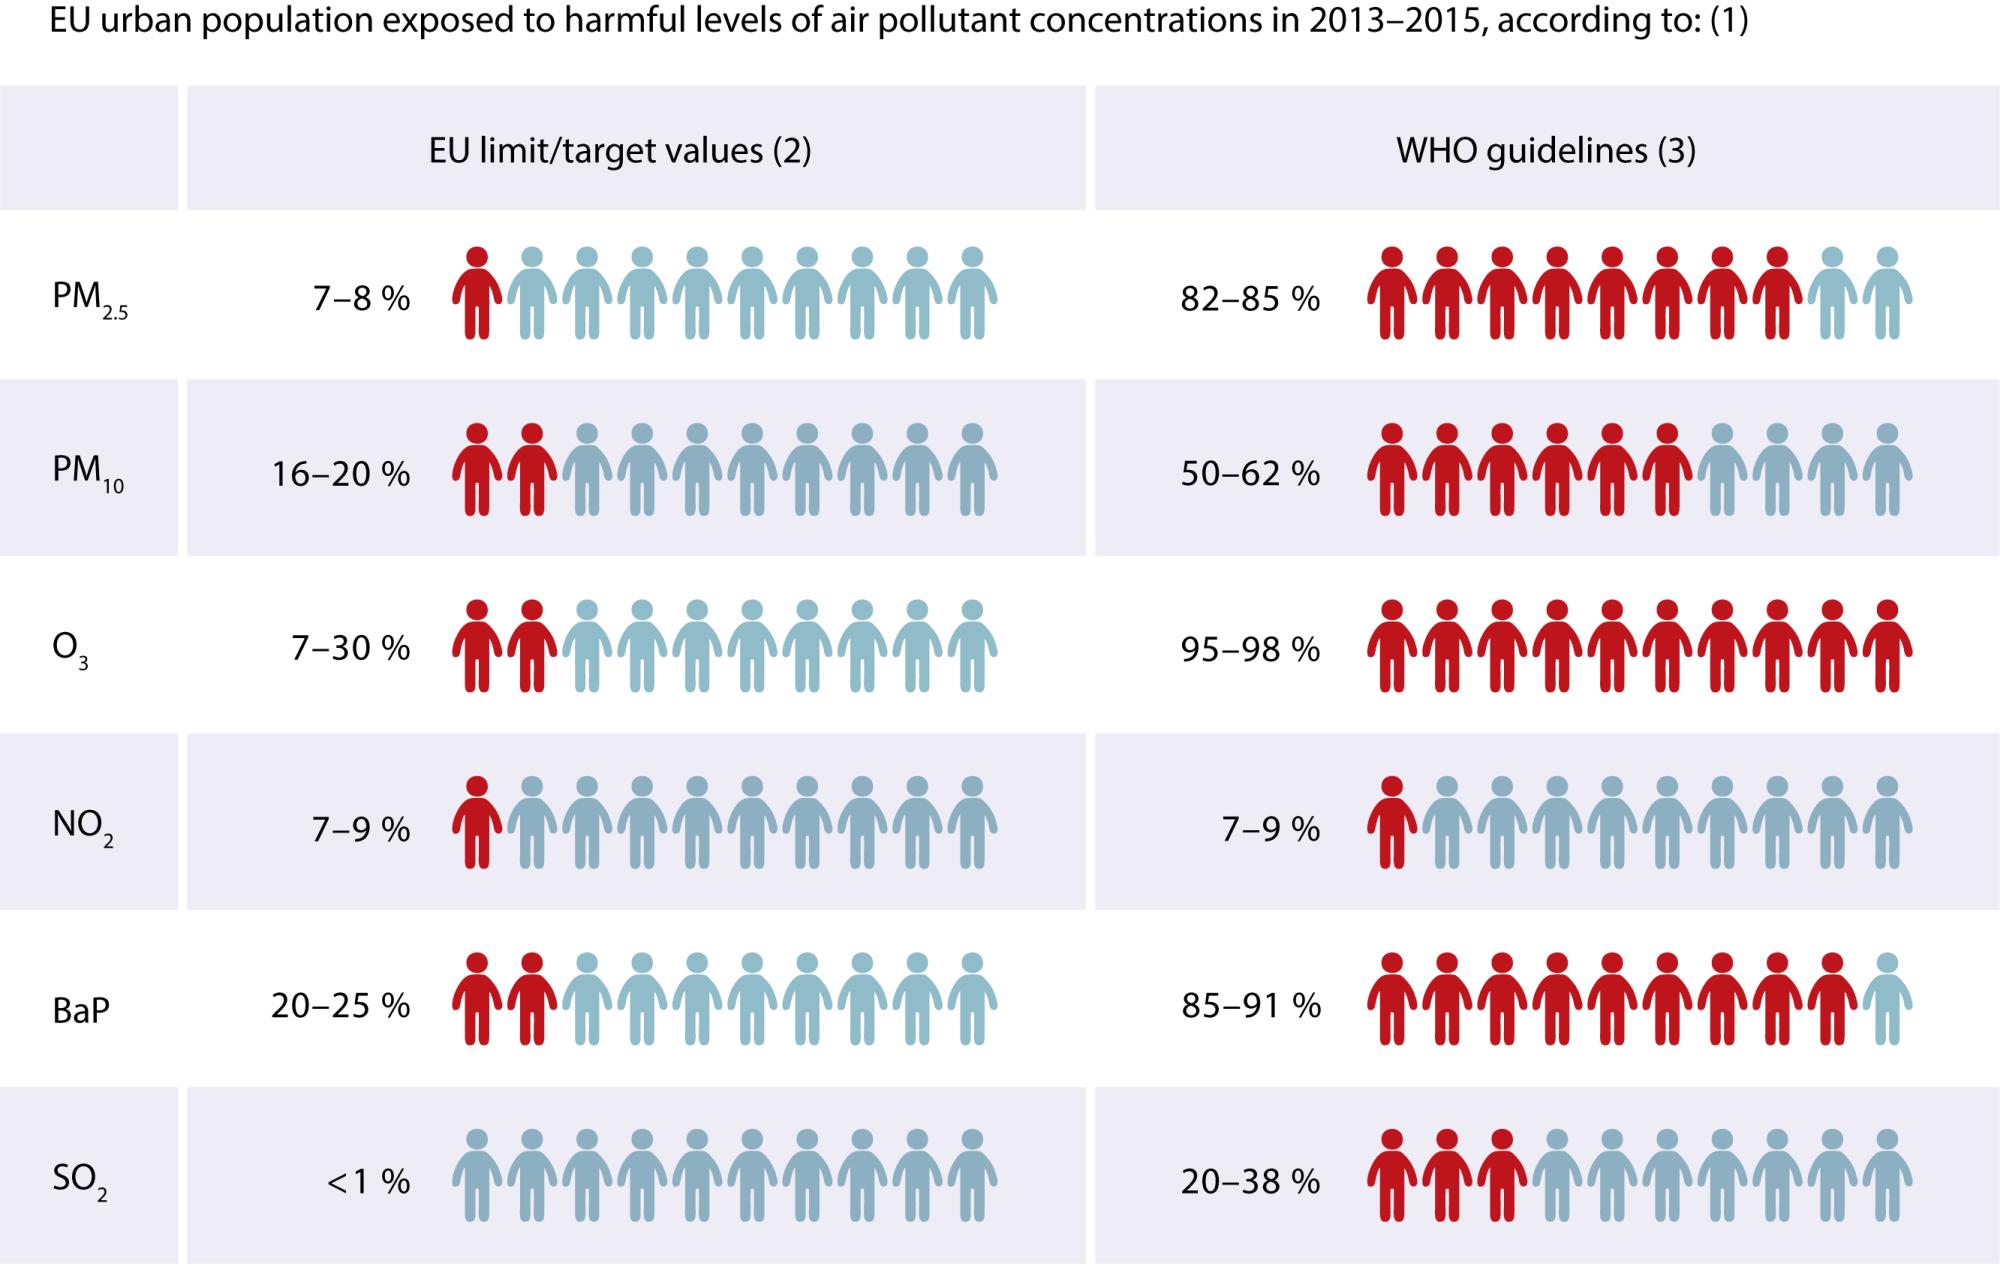 (1) Euroopa Liidu linnaelanikud, kes puutusid ajavahemikul 2013–2015 kokku kahjulike õhusaasteainetega tervisele ohtlikus kontsentratsioonis  (2) Euroopa Liidu piirnormid/sihtväärtused  (3) Maailma Terviseorganisatsiooni suunised  Graafik: EEA. Europa.EU